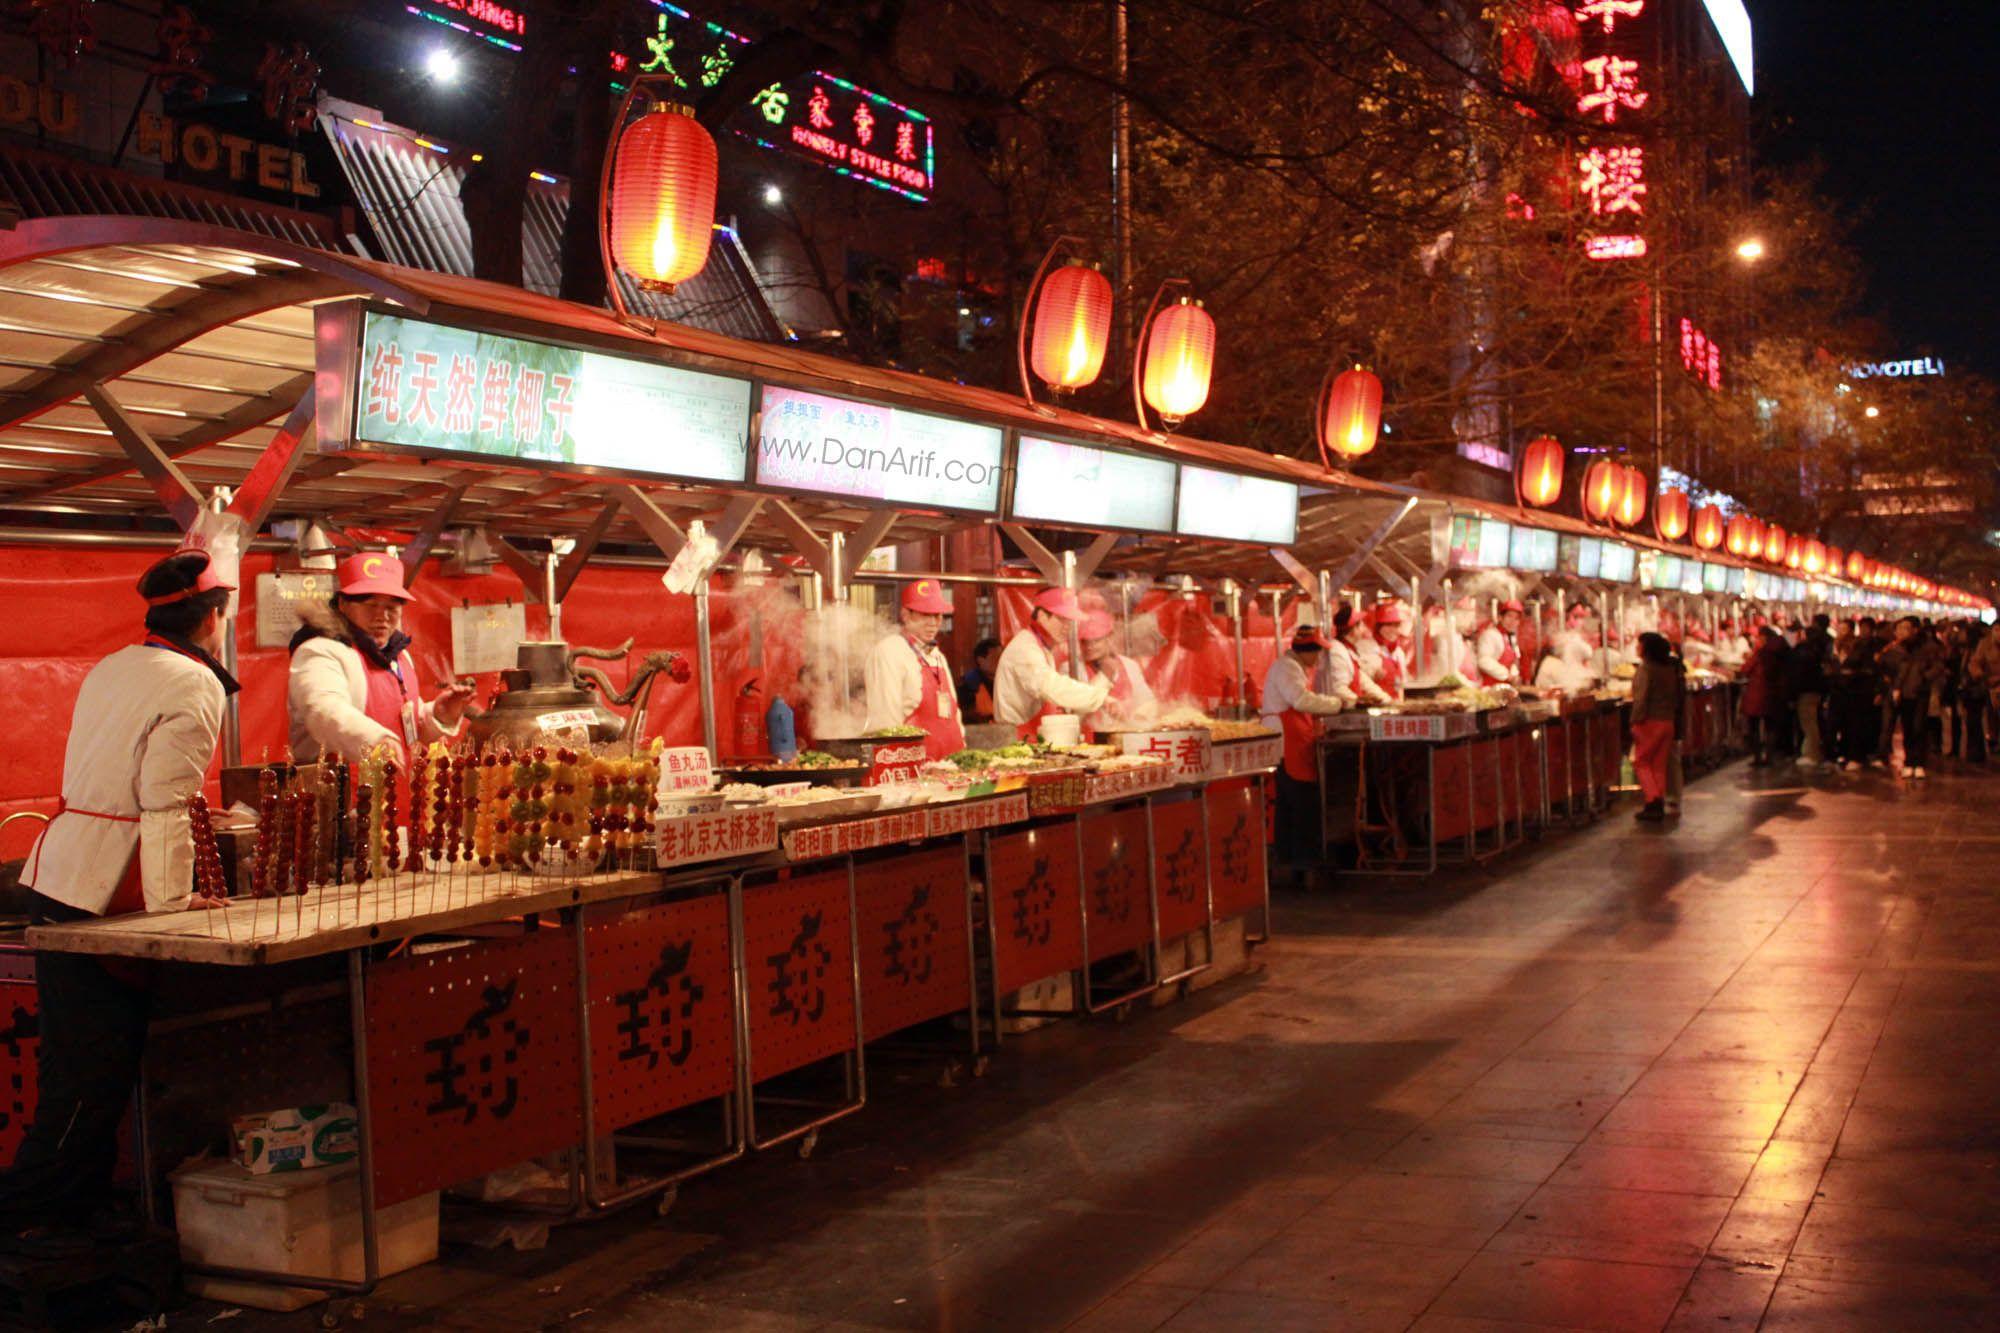 ผลการค้นหารูปภาพสำหรับ food street china Manizales, Asis